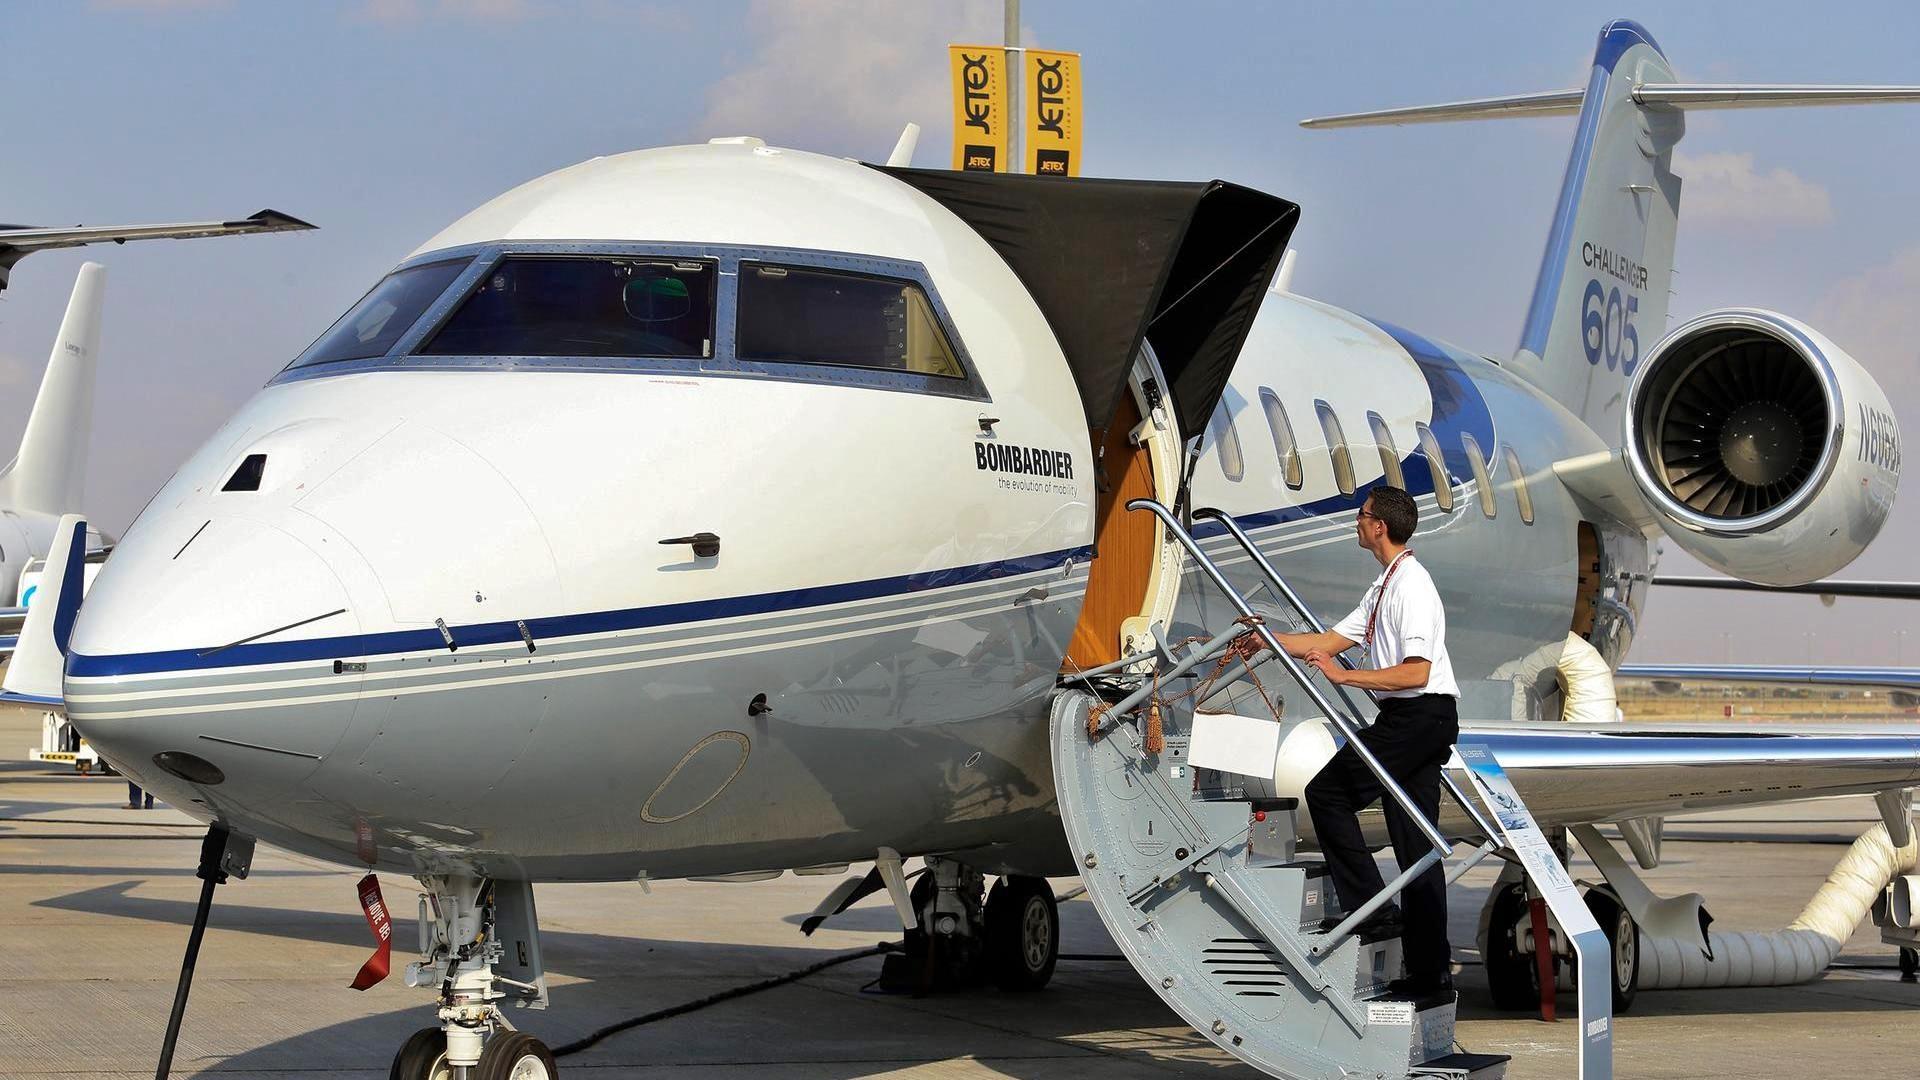 Jet privato turco si schianta nel sud-ovest